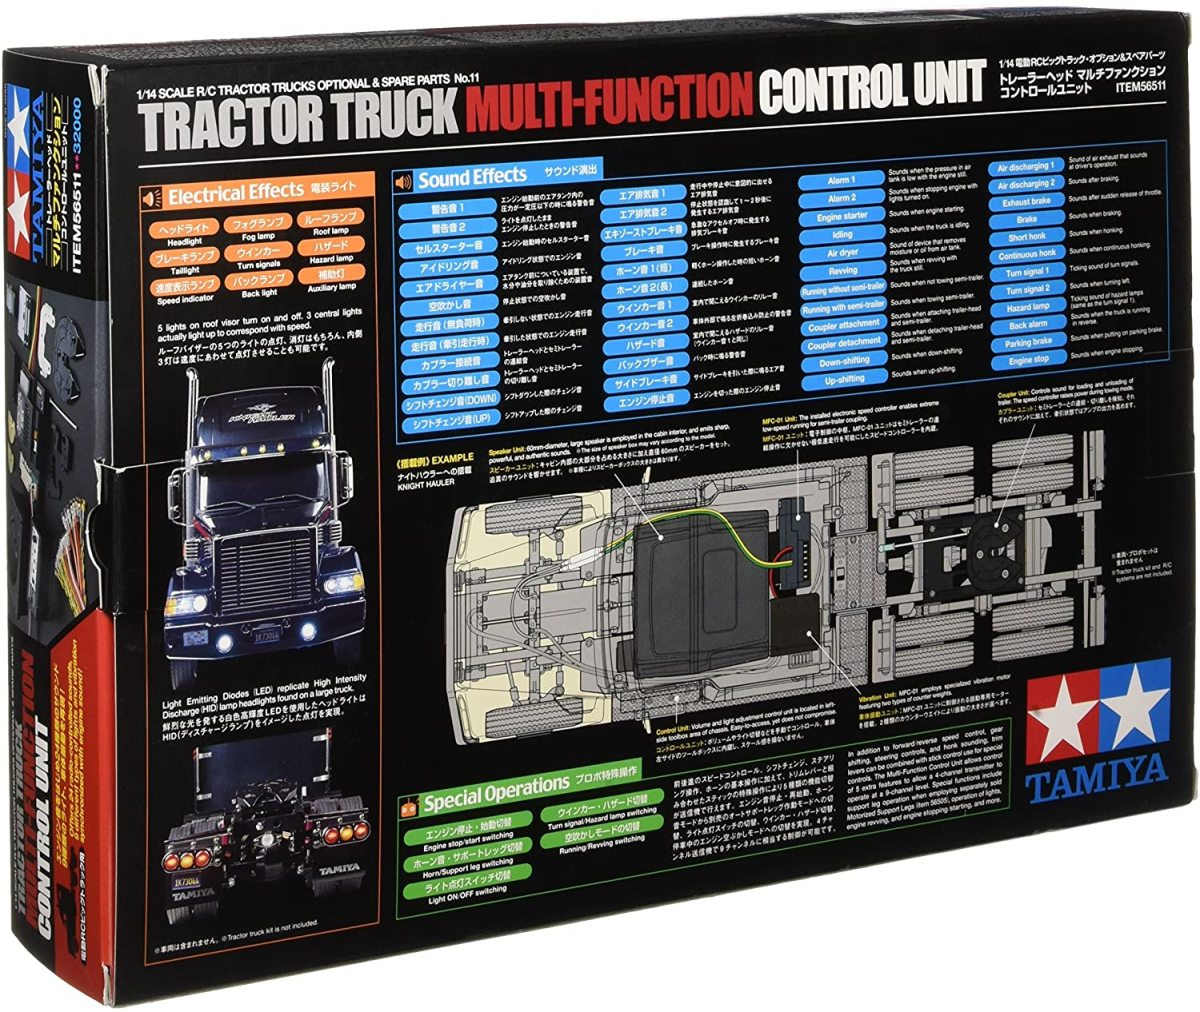 タミヤ TROP.11 トレーラーヘッド マルチファンクションコントロールユニット 56511の商品画像|ナビ